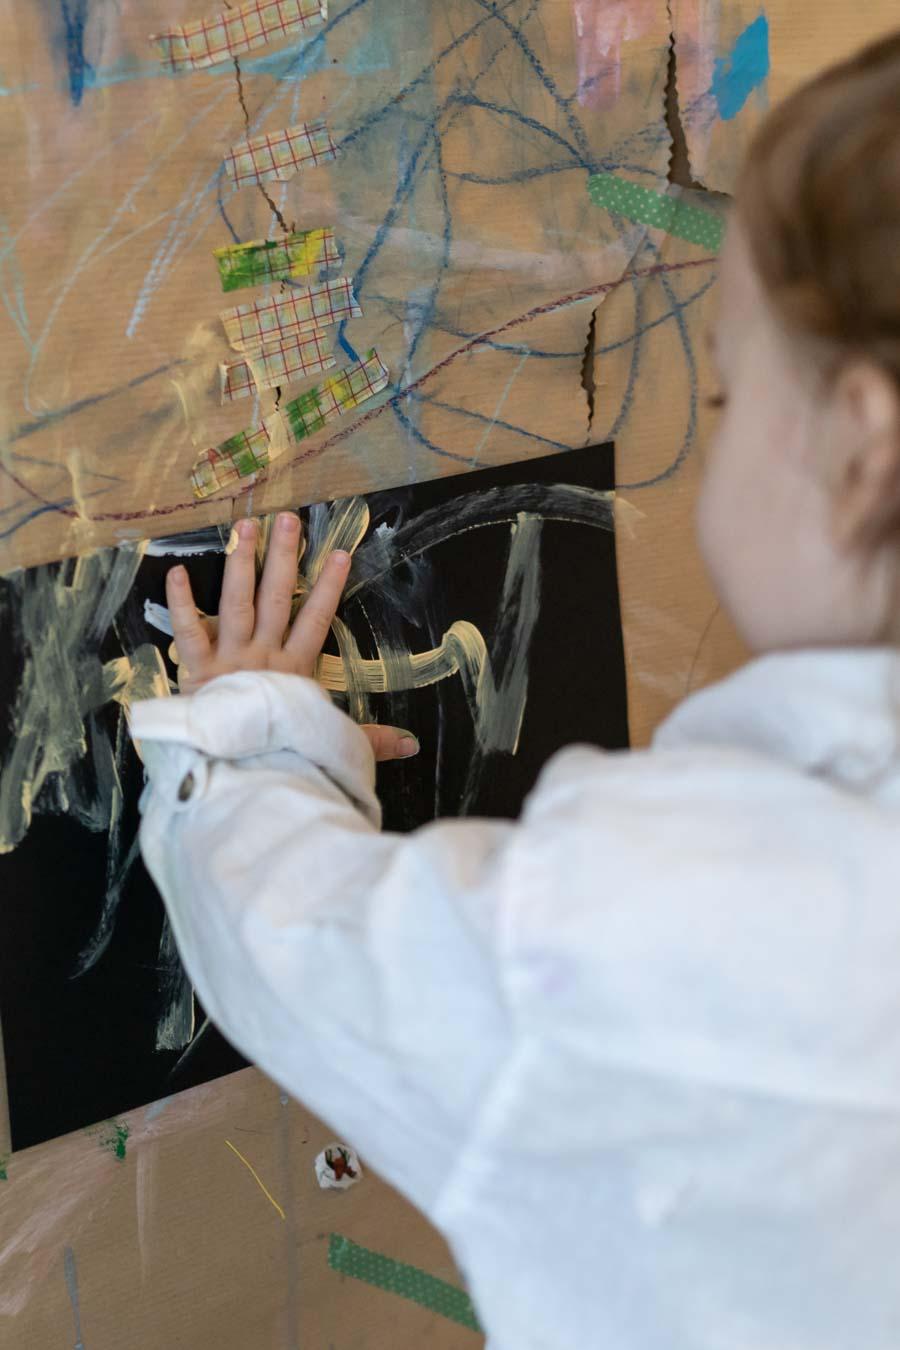 Mit hellen Farben auf dunklem Papier Bilder malen. Eine Idee, wie wir Kinder einfach frei malen lassen können. Ohne Vorgaben zu ihren Bildern, können Kinder ihrer Kreativität freien Lauf lassen. Einfache Bastel- und Malideen für Kinder, in der Kita, Kindergarten und zu Hause gibt es auf: www.chezmamapoule.com #malspiel #unerzogen #montessori #spielideen #attachmentparenting #freiesmalen #freiesbasteln #Kinderbilder #Malspielgruppe #Kinder #Loben #Kita